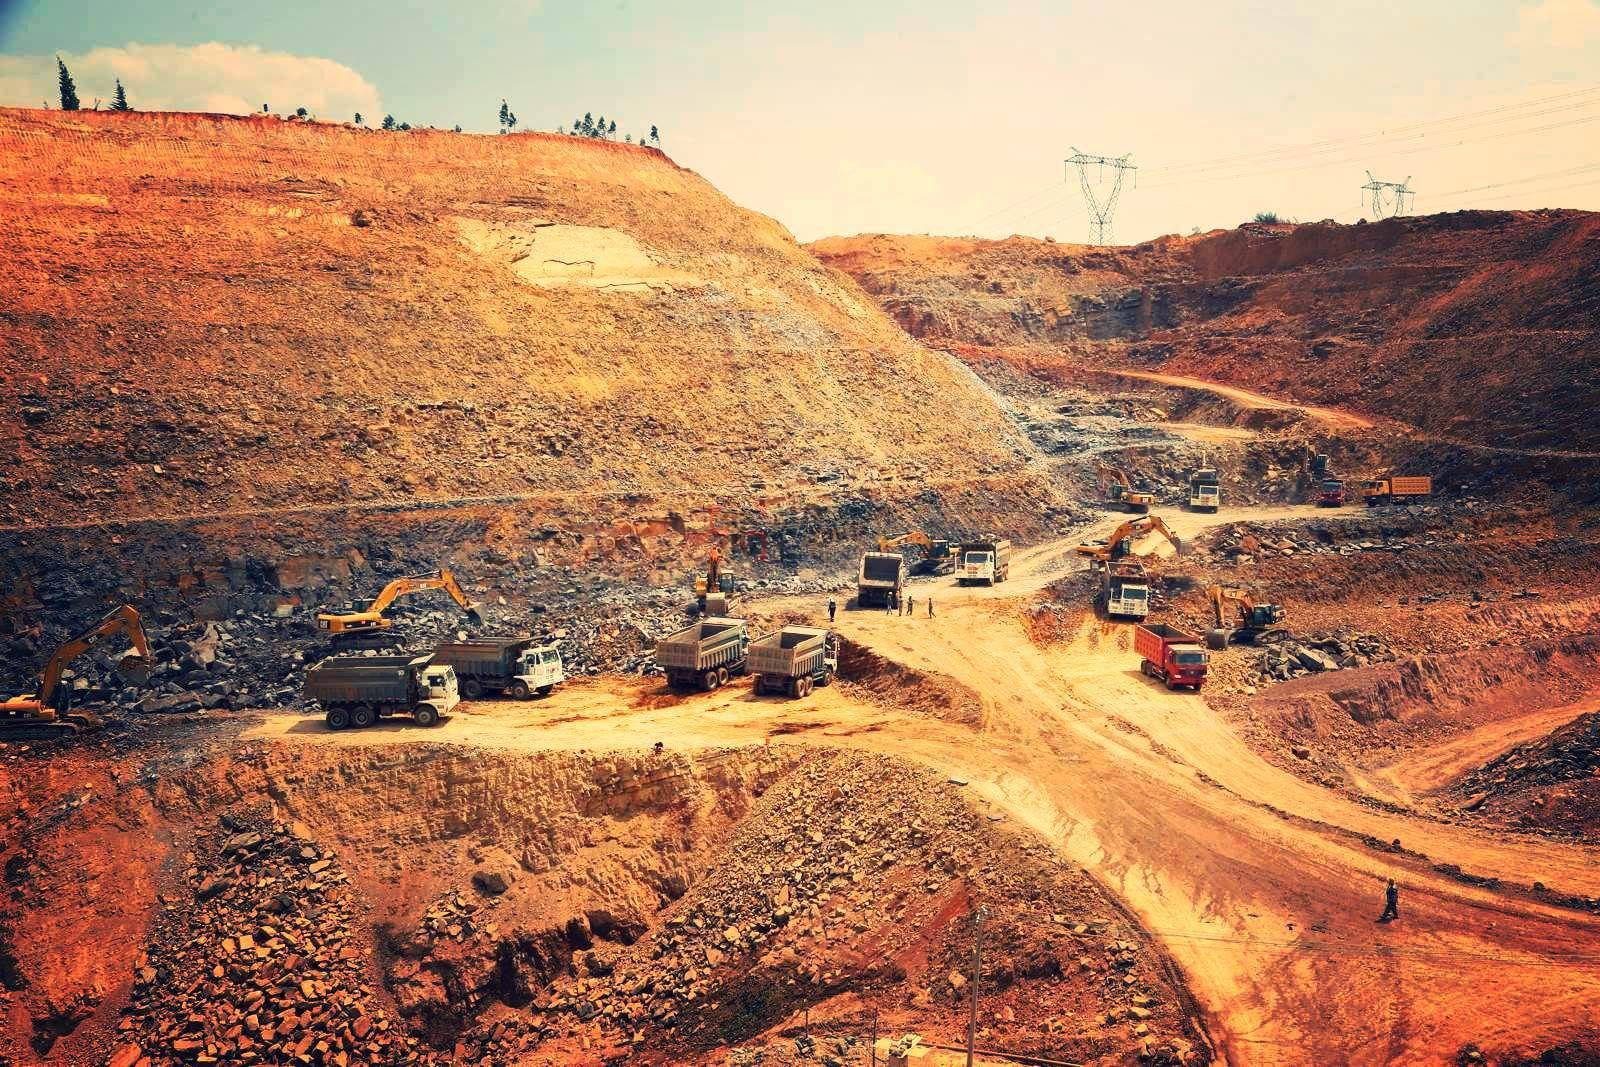 中国发现8亿吨特大磷矿!磷矿资源储量再扩容